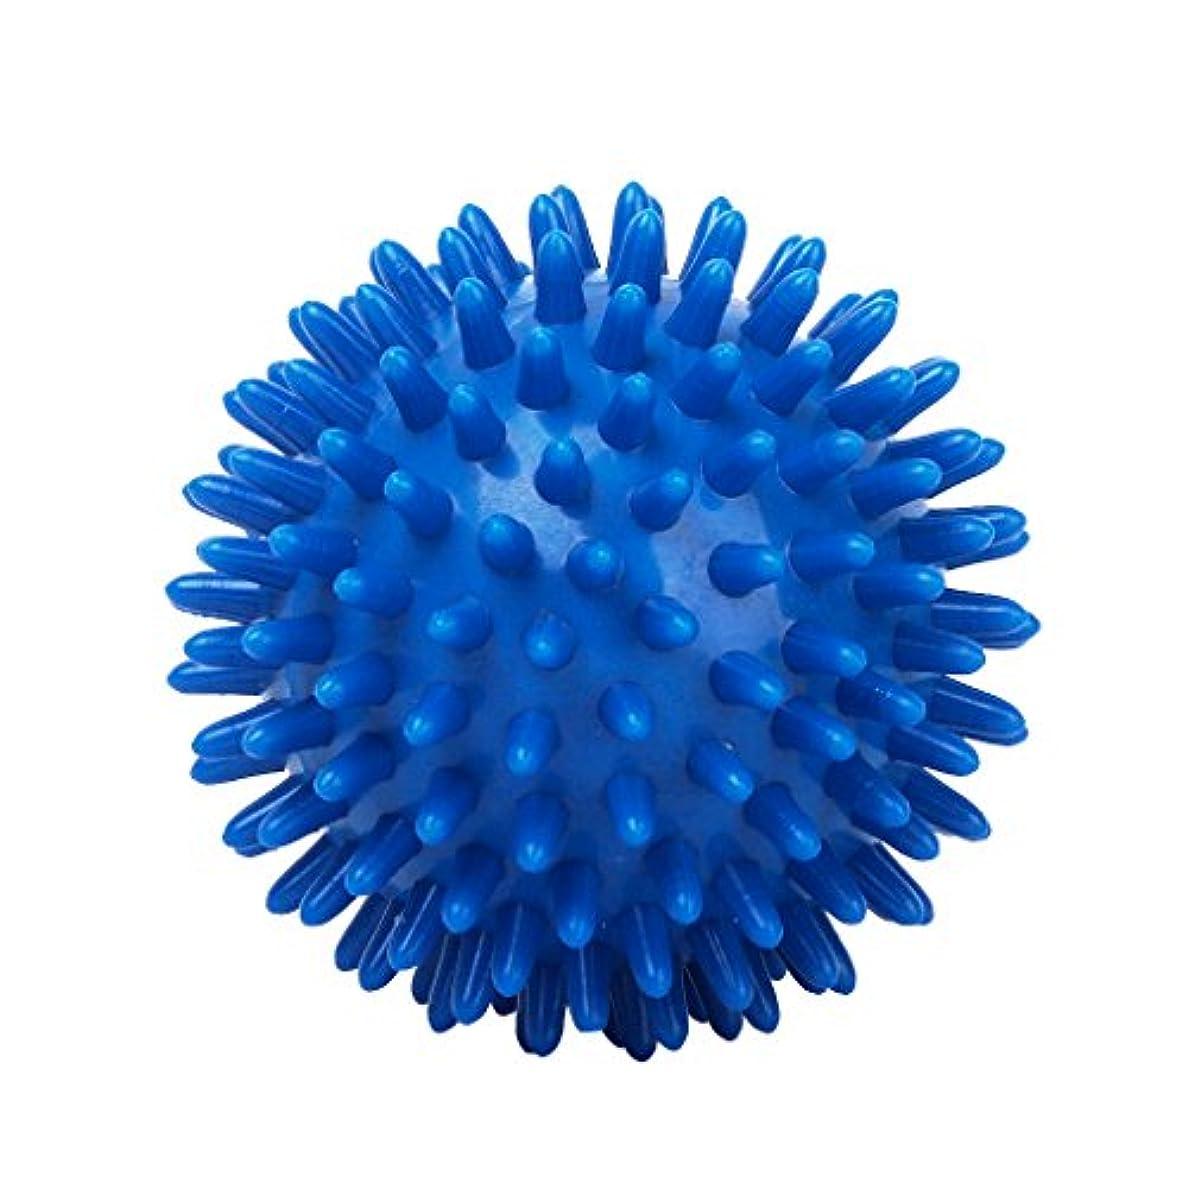 貧しい財布起点便利 小型 マッサージボール 足用 筋肉対応 8cm マッサージ ボール PVC製 ブルー